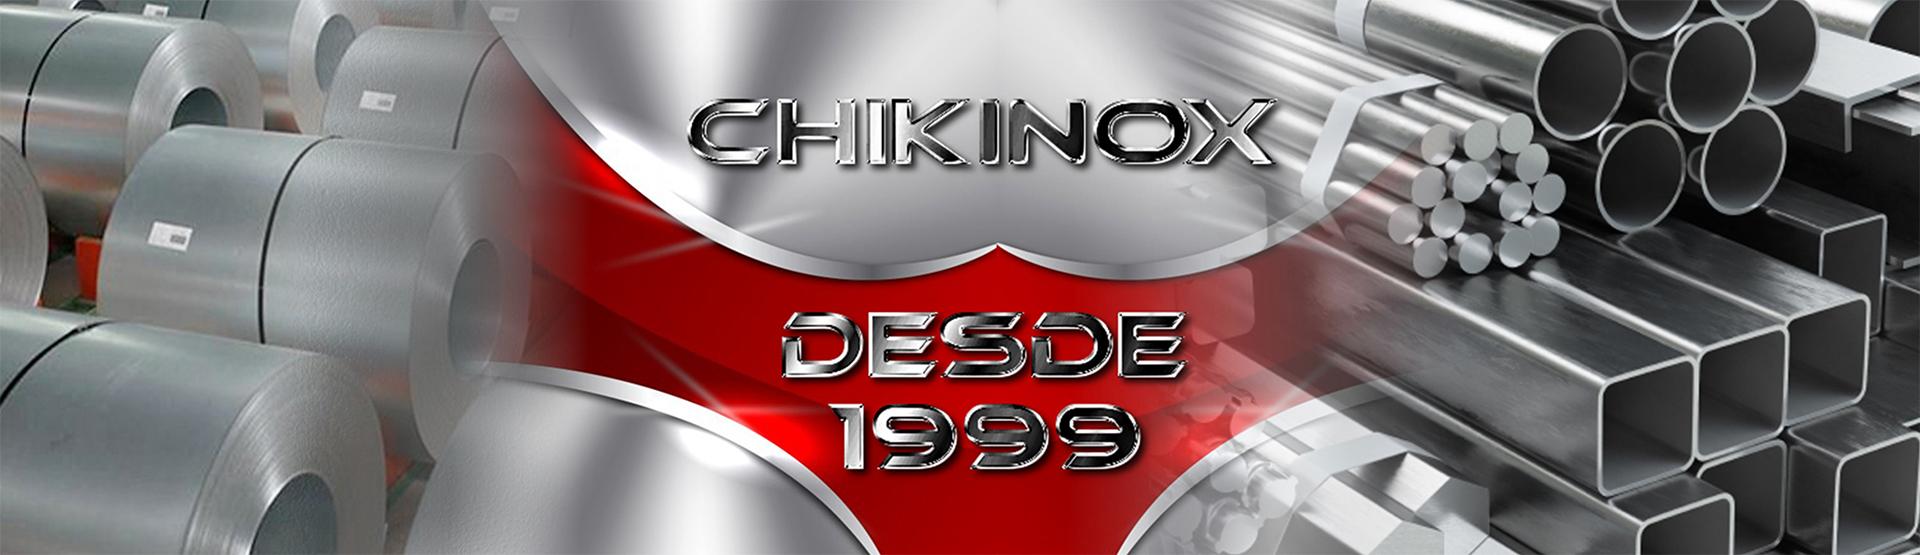 CHIKINOX